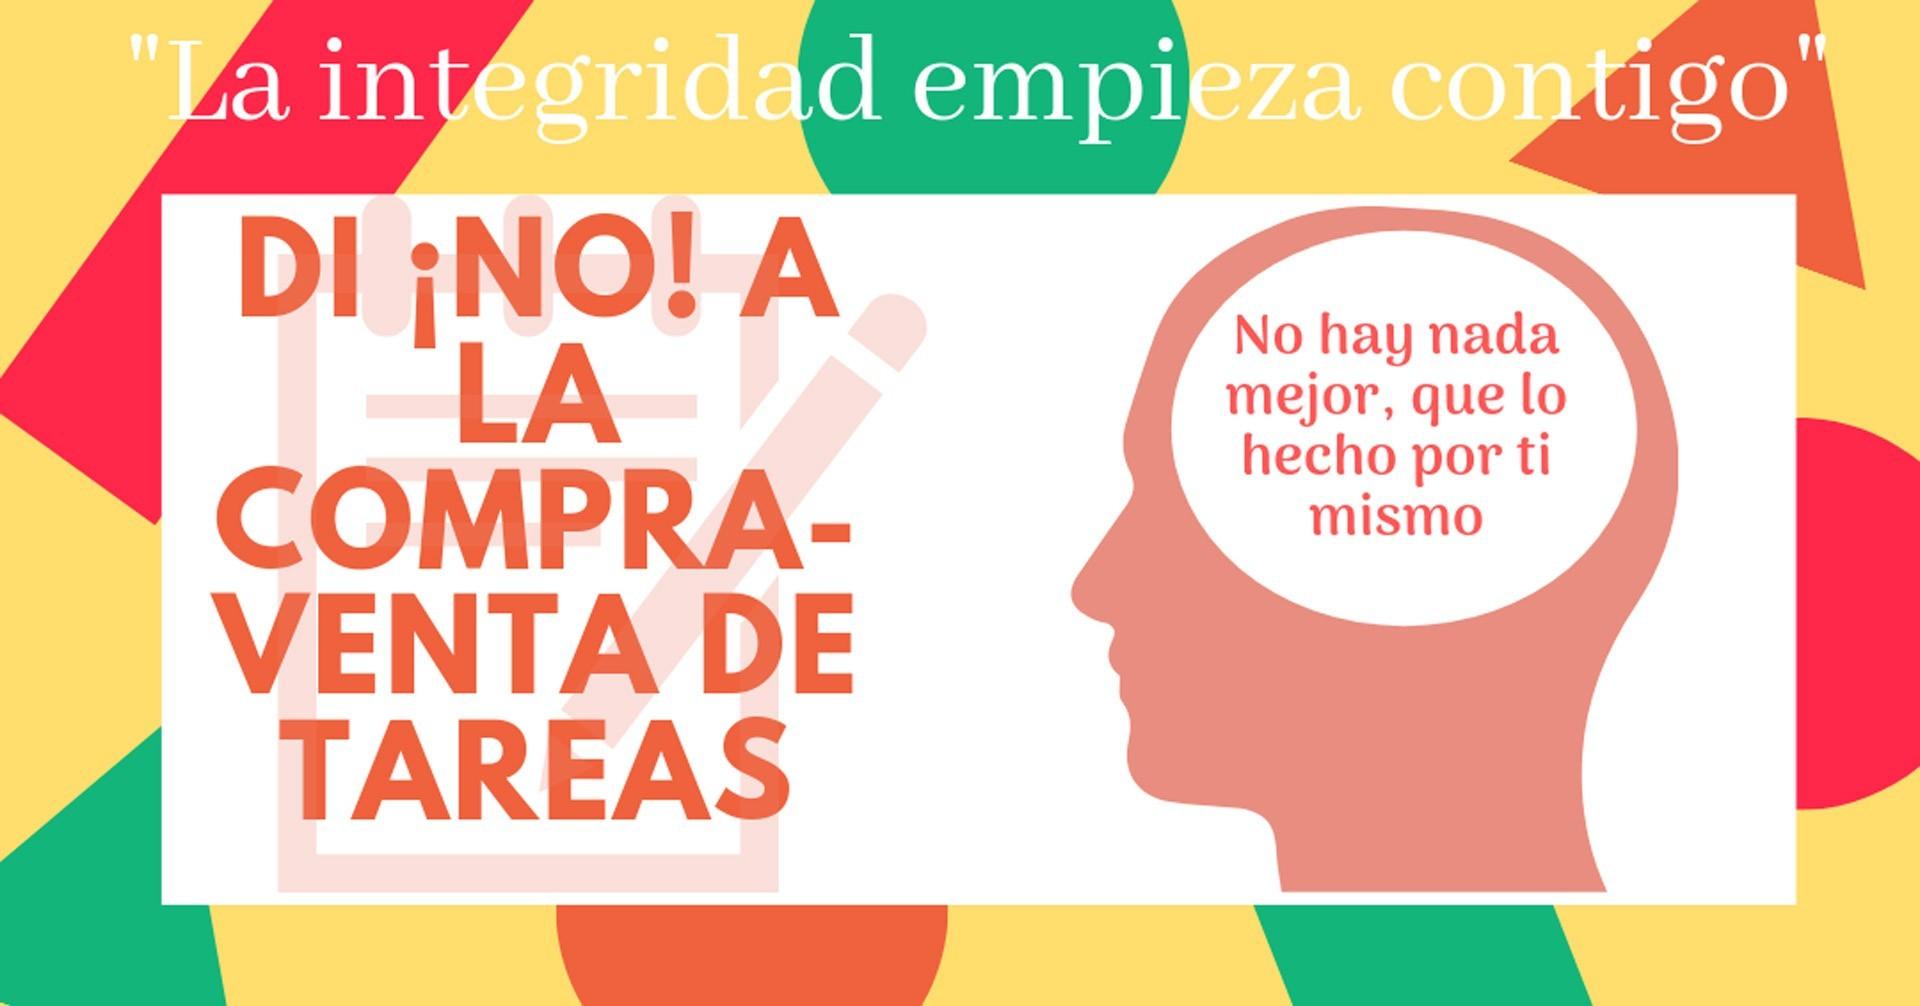 Cartel Di no a la compra venta de tareas de la celebración contra el día mundial contra la compra venta de tareas del Programa de Integridad Académica del Tec de Monterrey